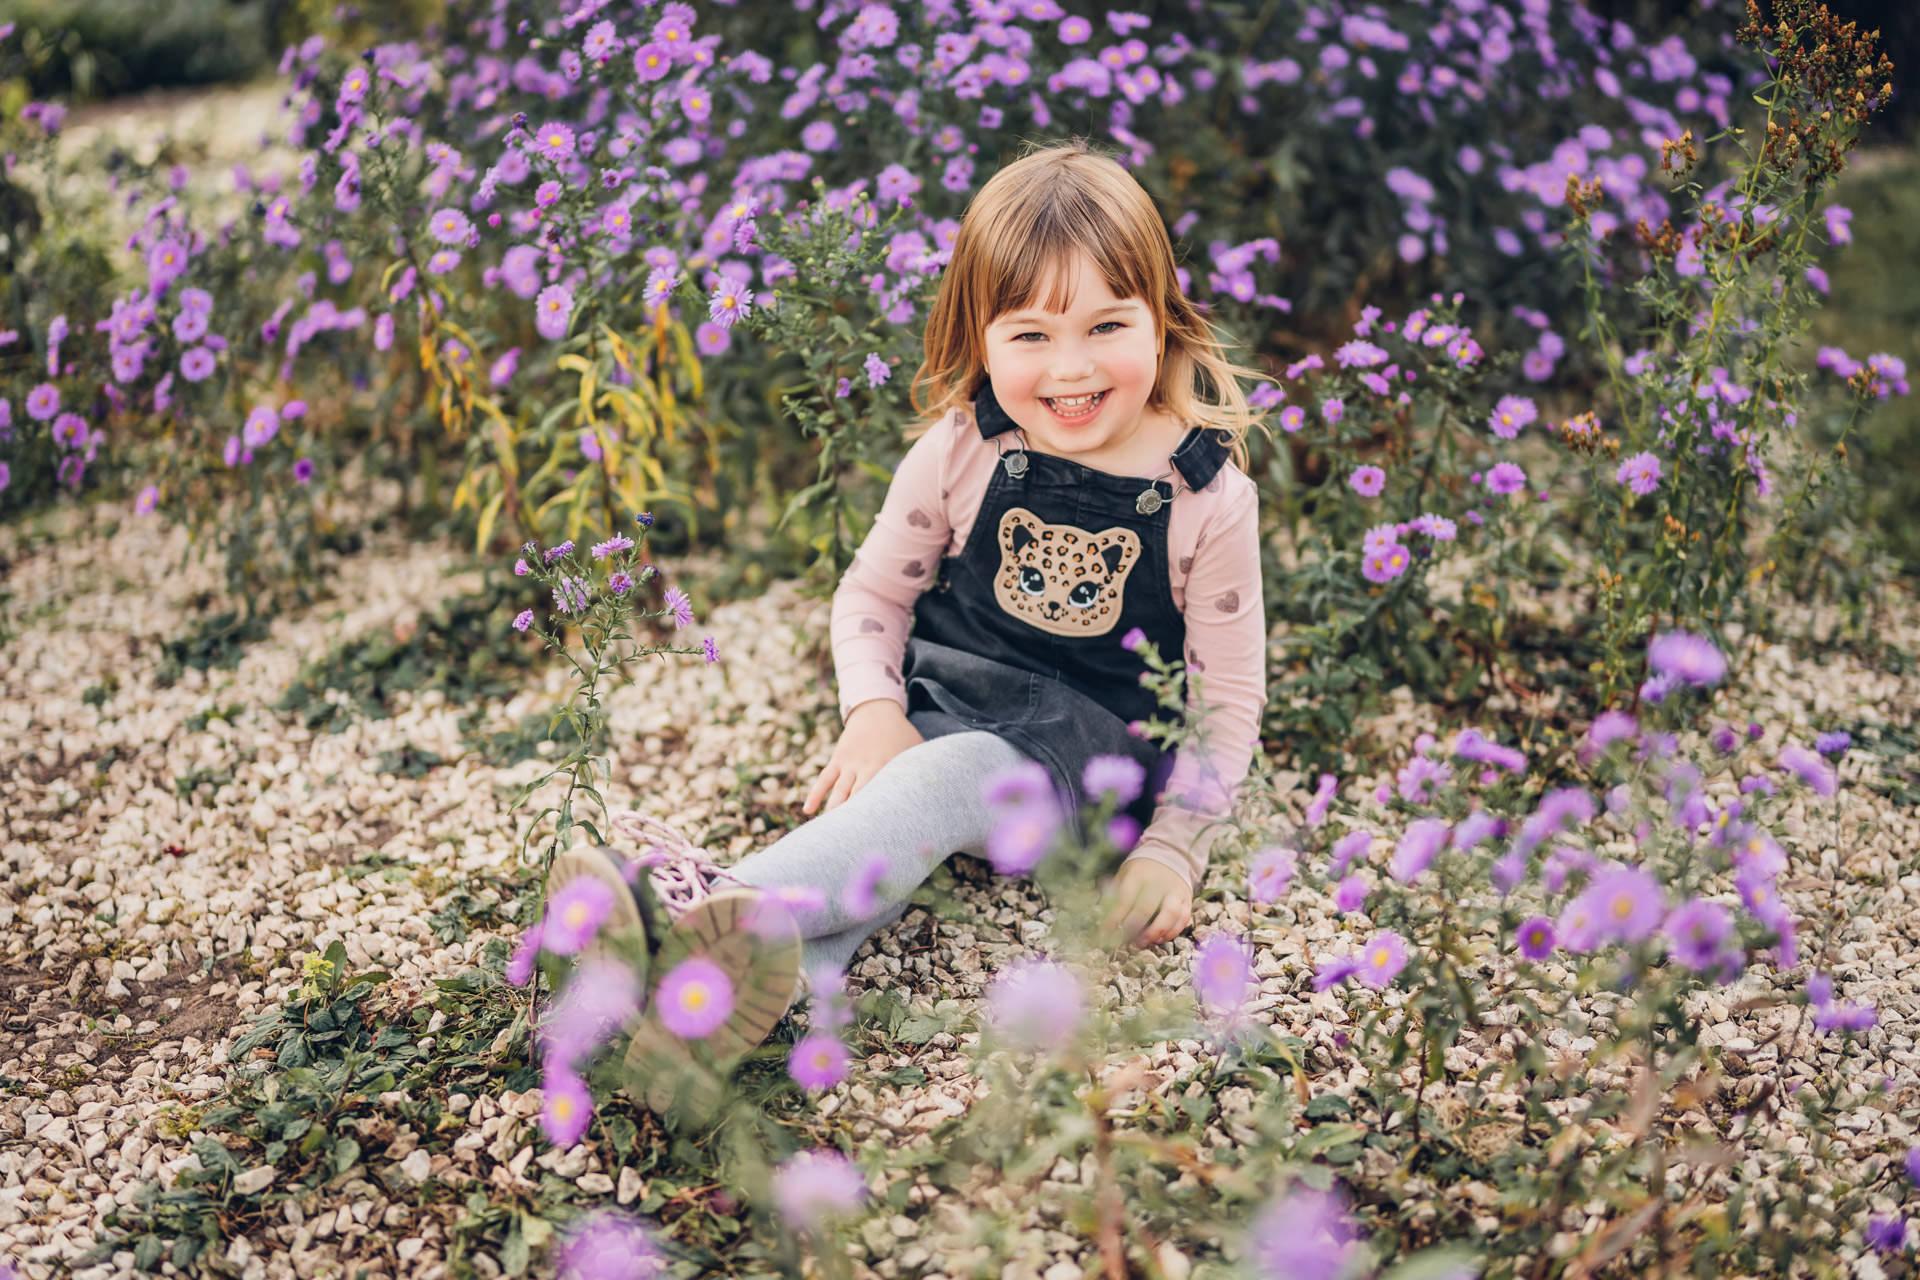 Kinderfoto Mädchen in einer lila Blumenwiese im Strecktal Park in Pirmasens